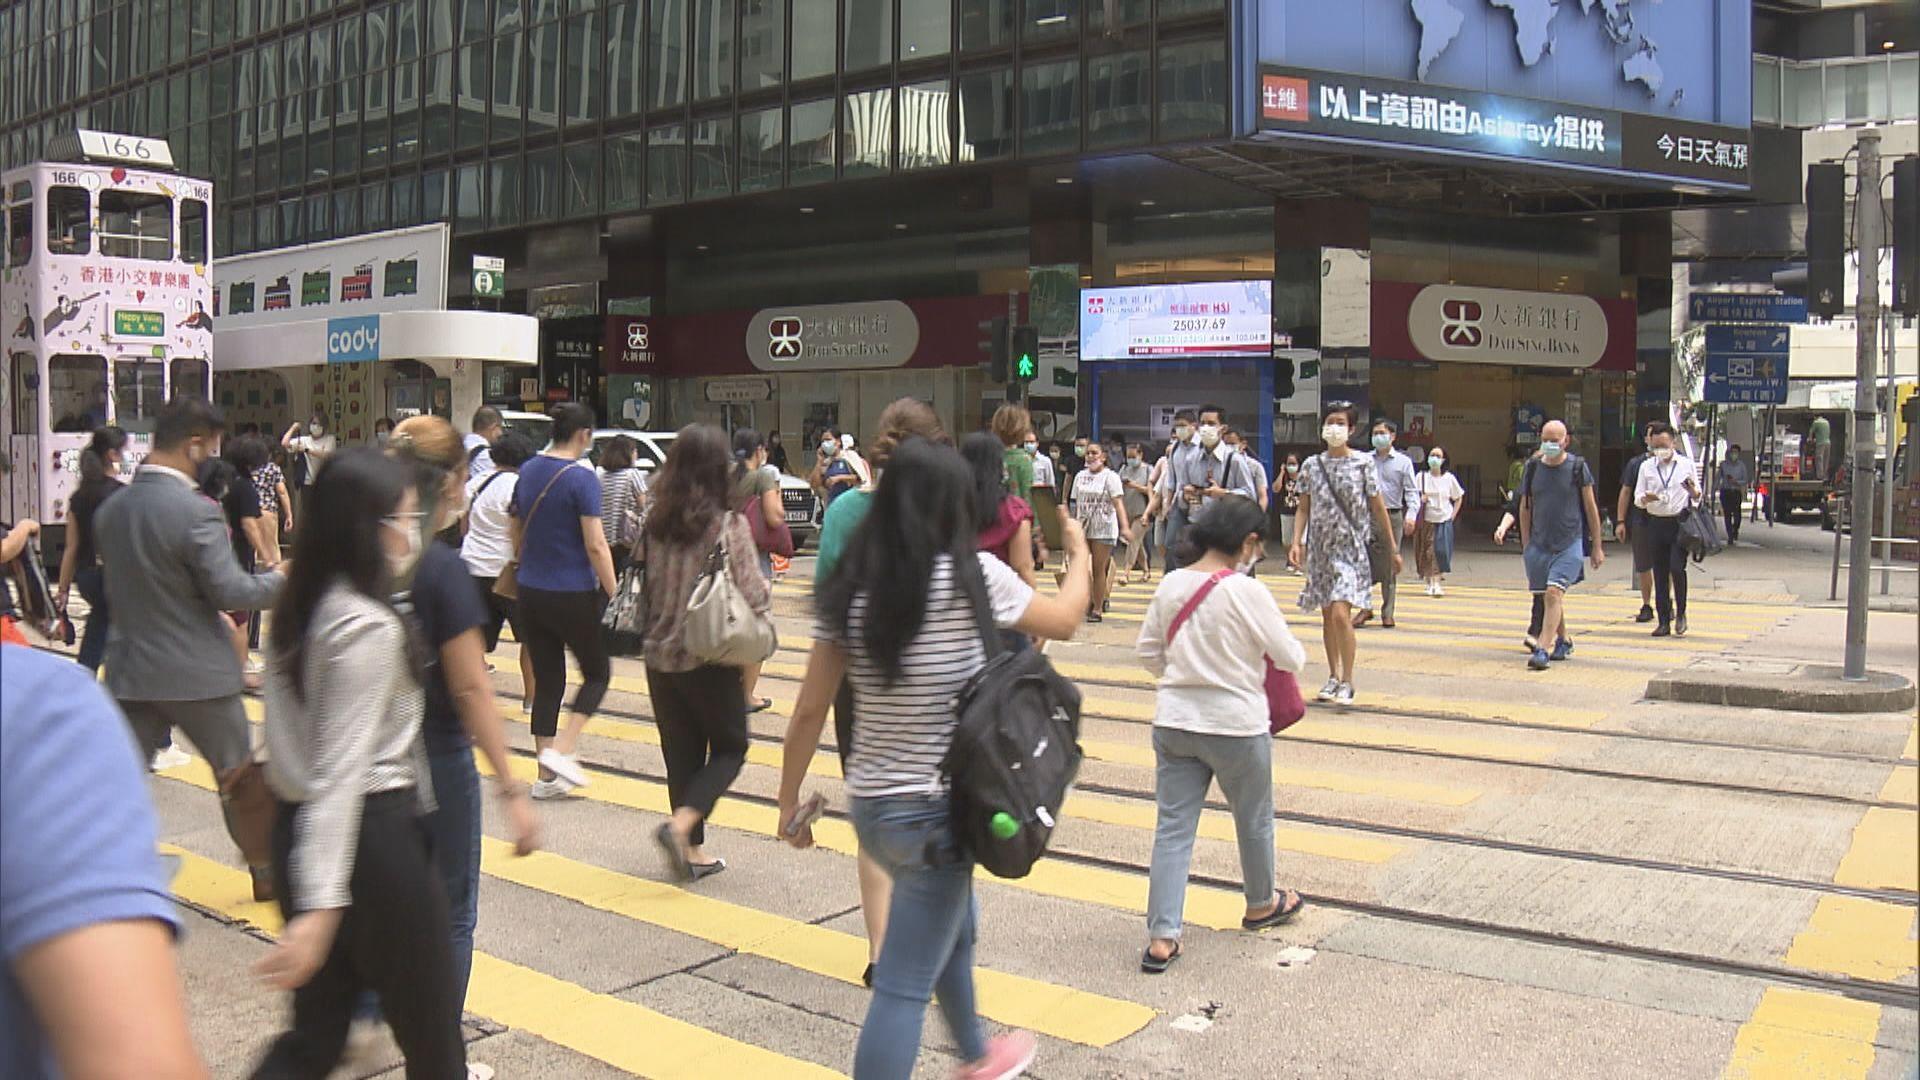 林鄭月娥:污名化與內地有關的政策不利香港發展